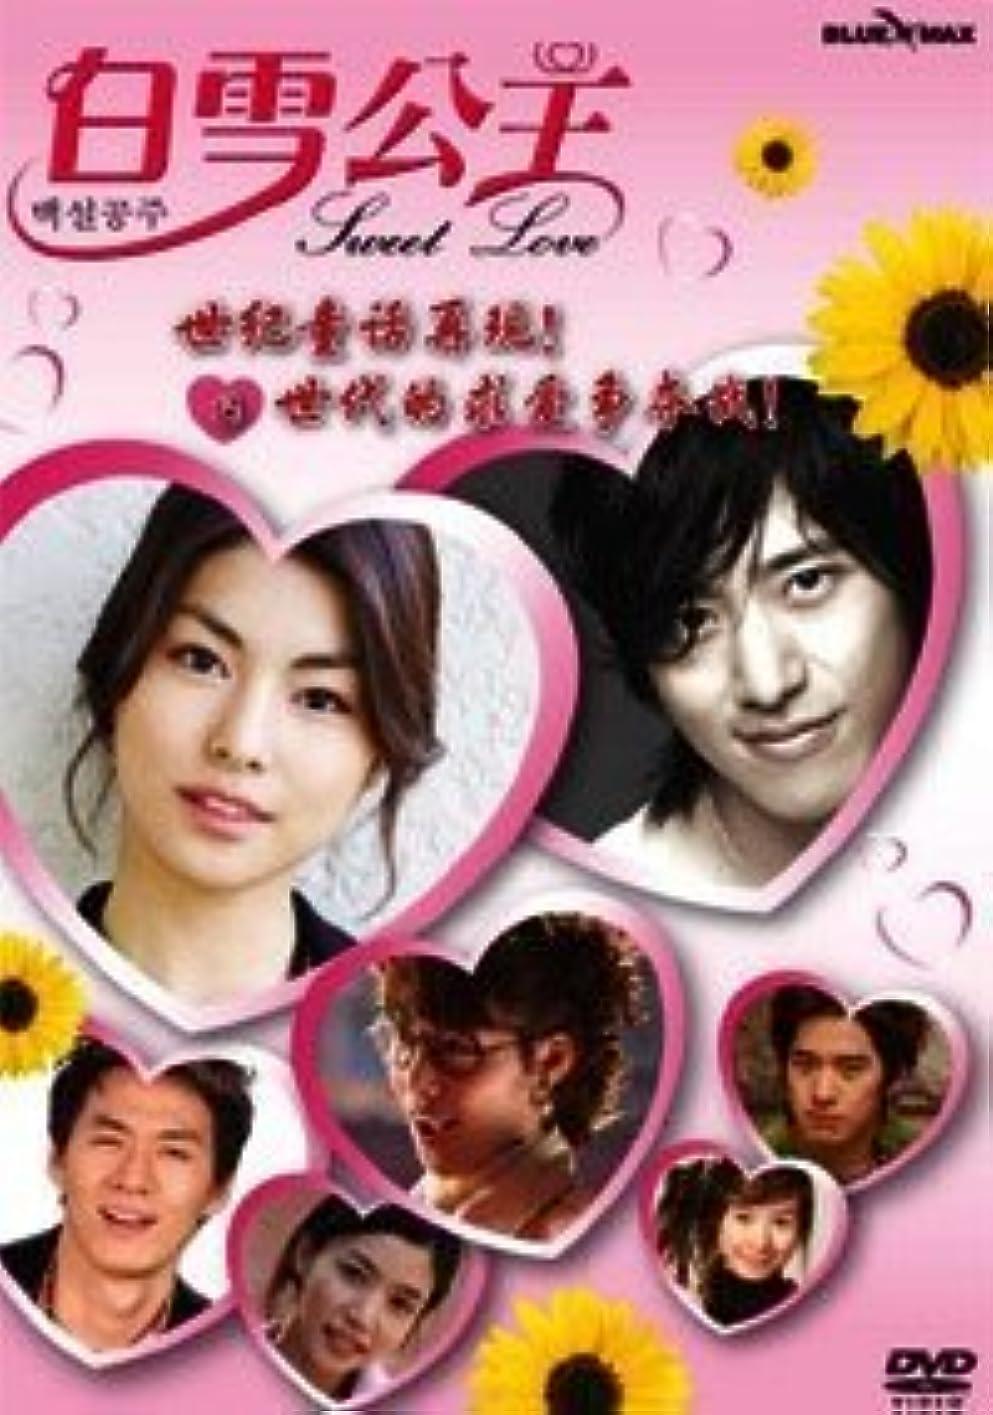 吸収剤次原始的なSweet Love / Snow White Korean Tv Series English Sub (4 Dvds)